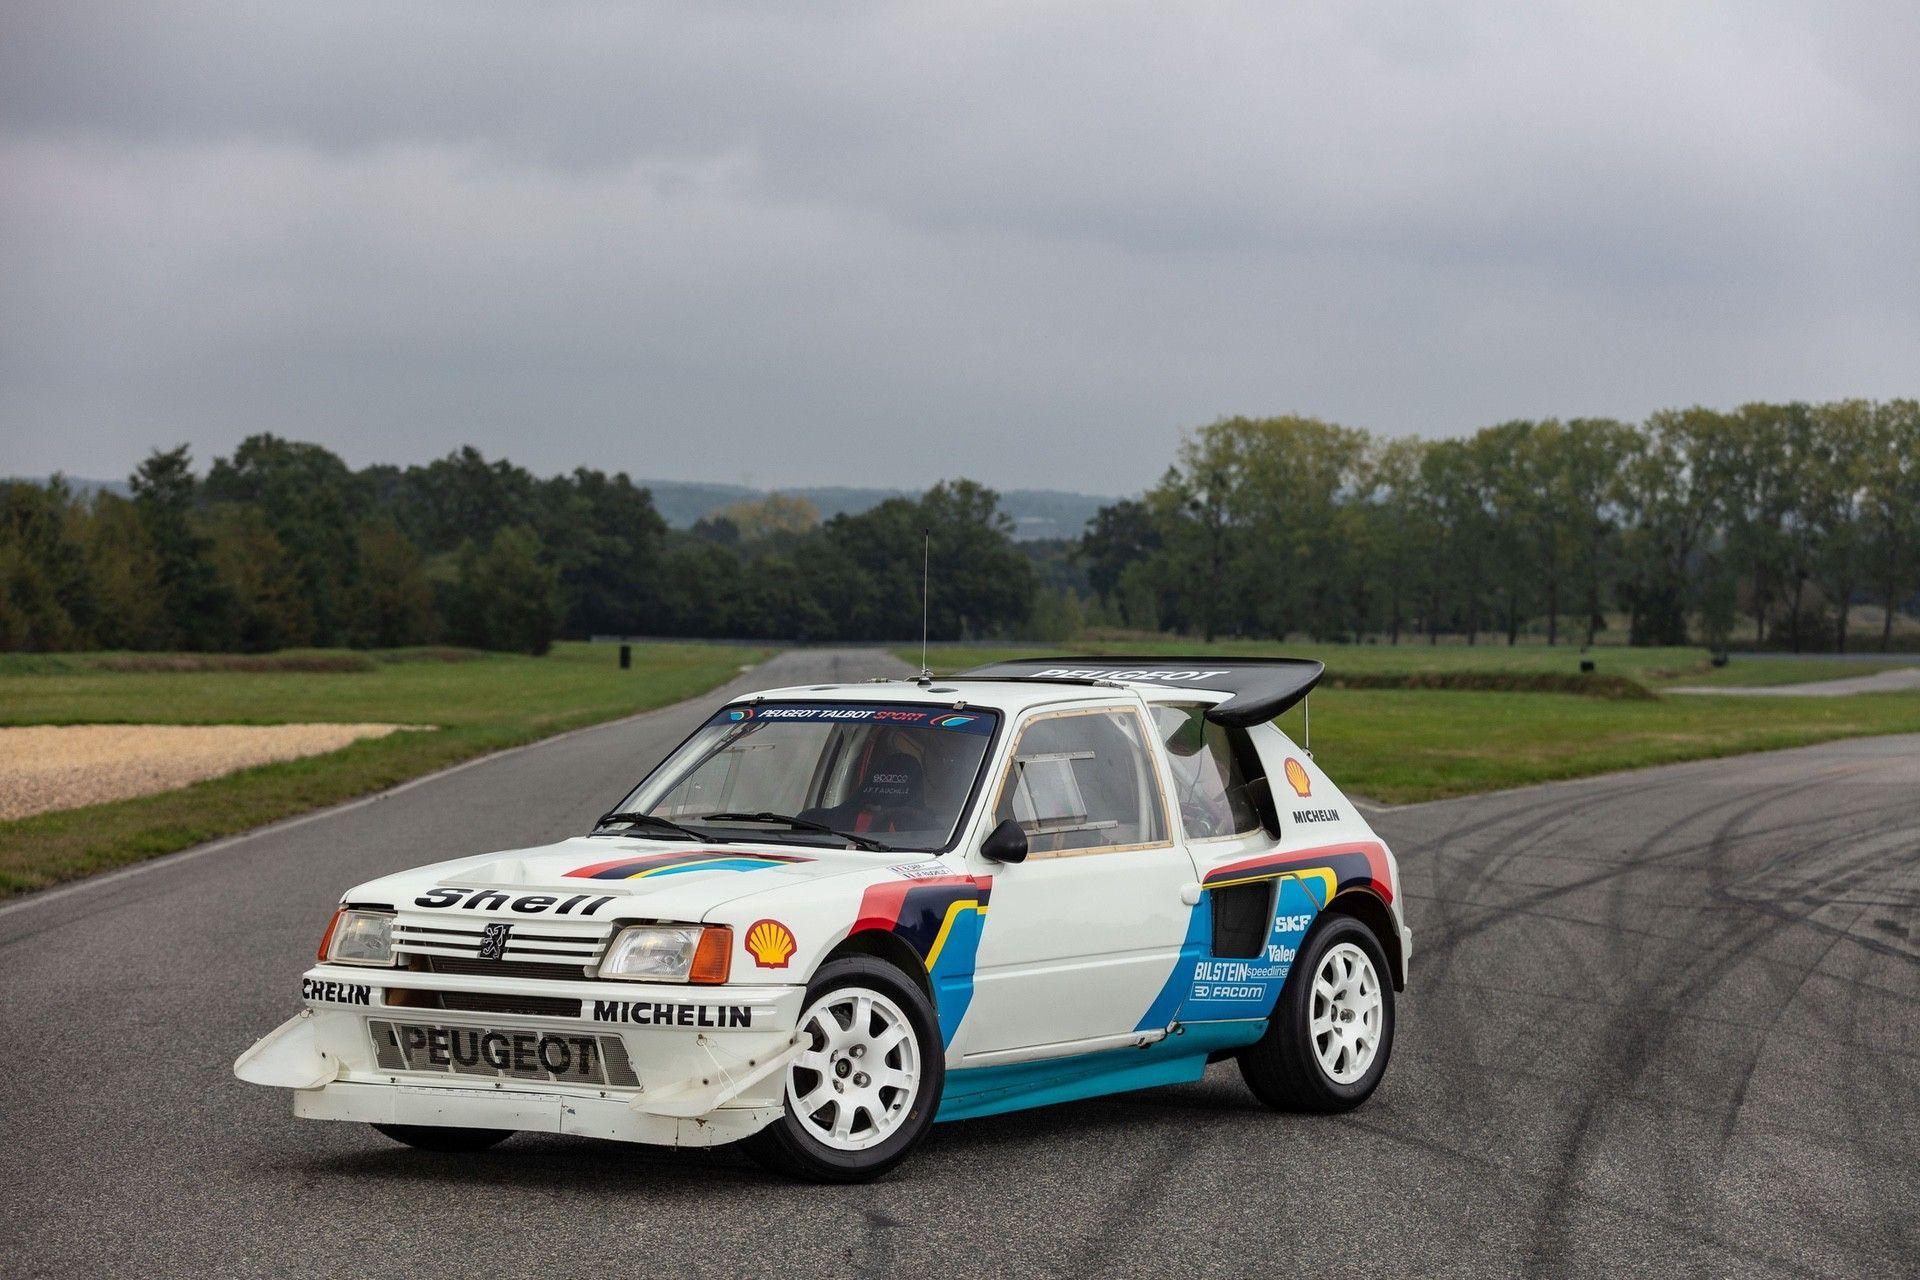 1985_Peugeot_205_Turbo_16_Evolution_2_sale-0013